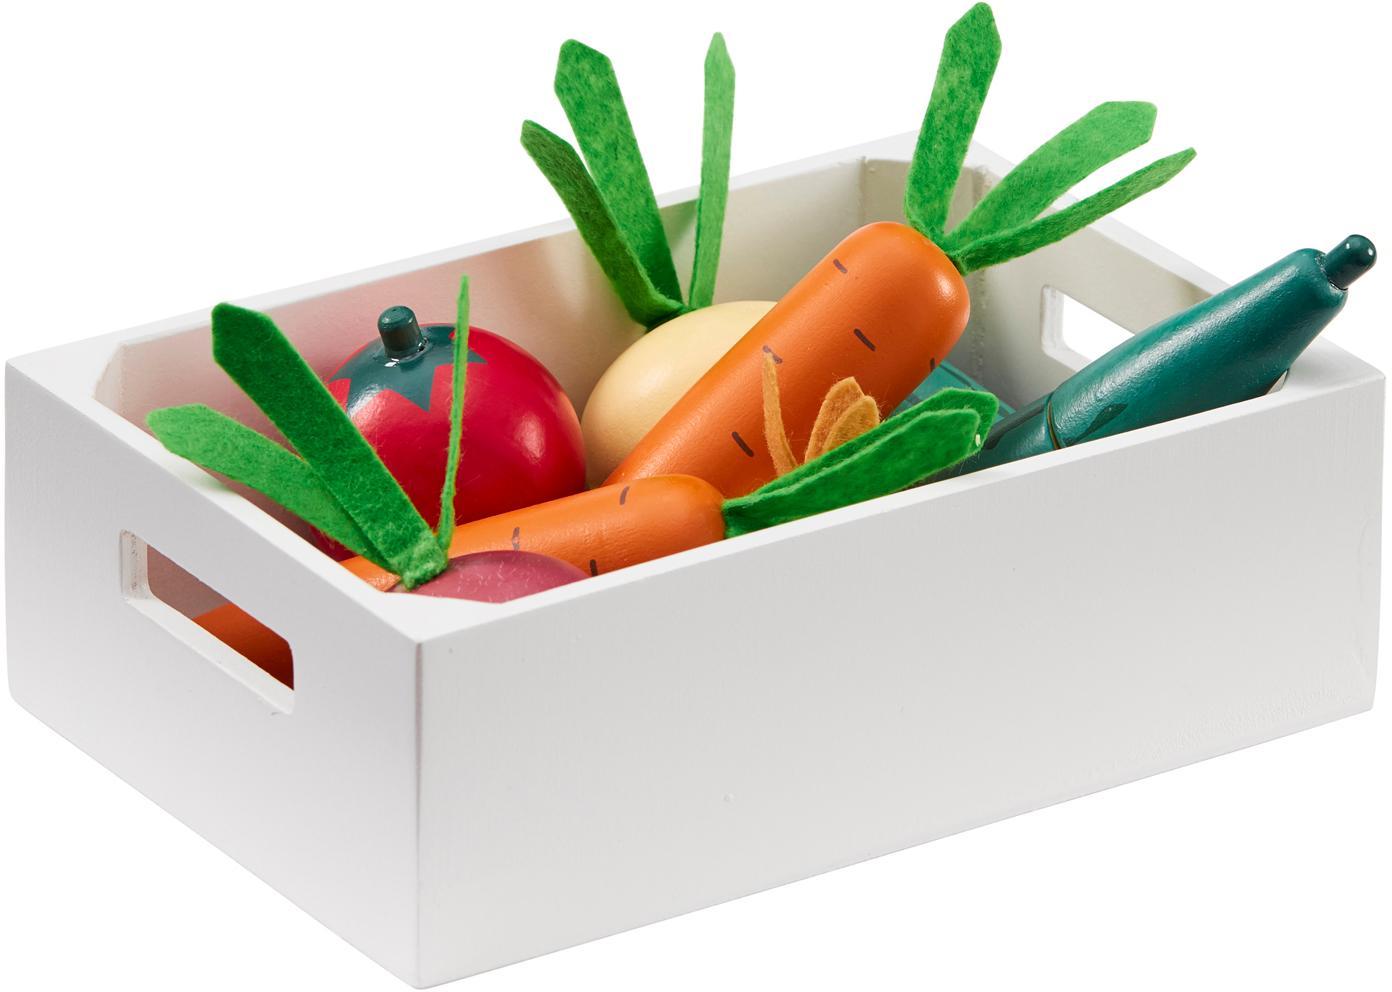 Spielzeug-Set Vegetables, Holz, Mehrfarbig, Set mit verschiedenen Grössen